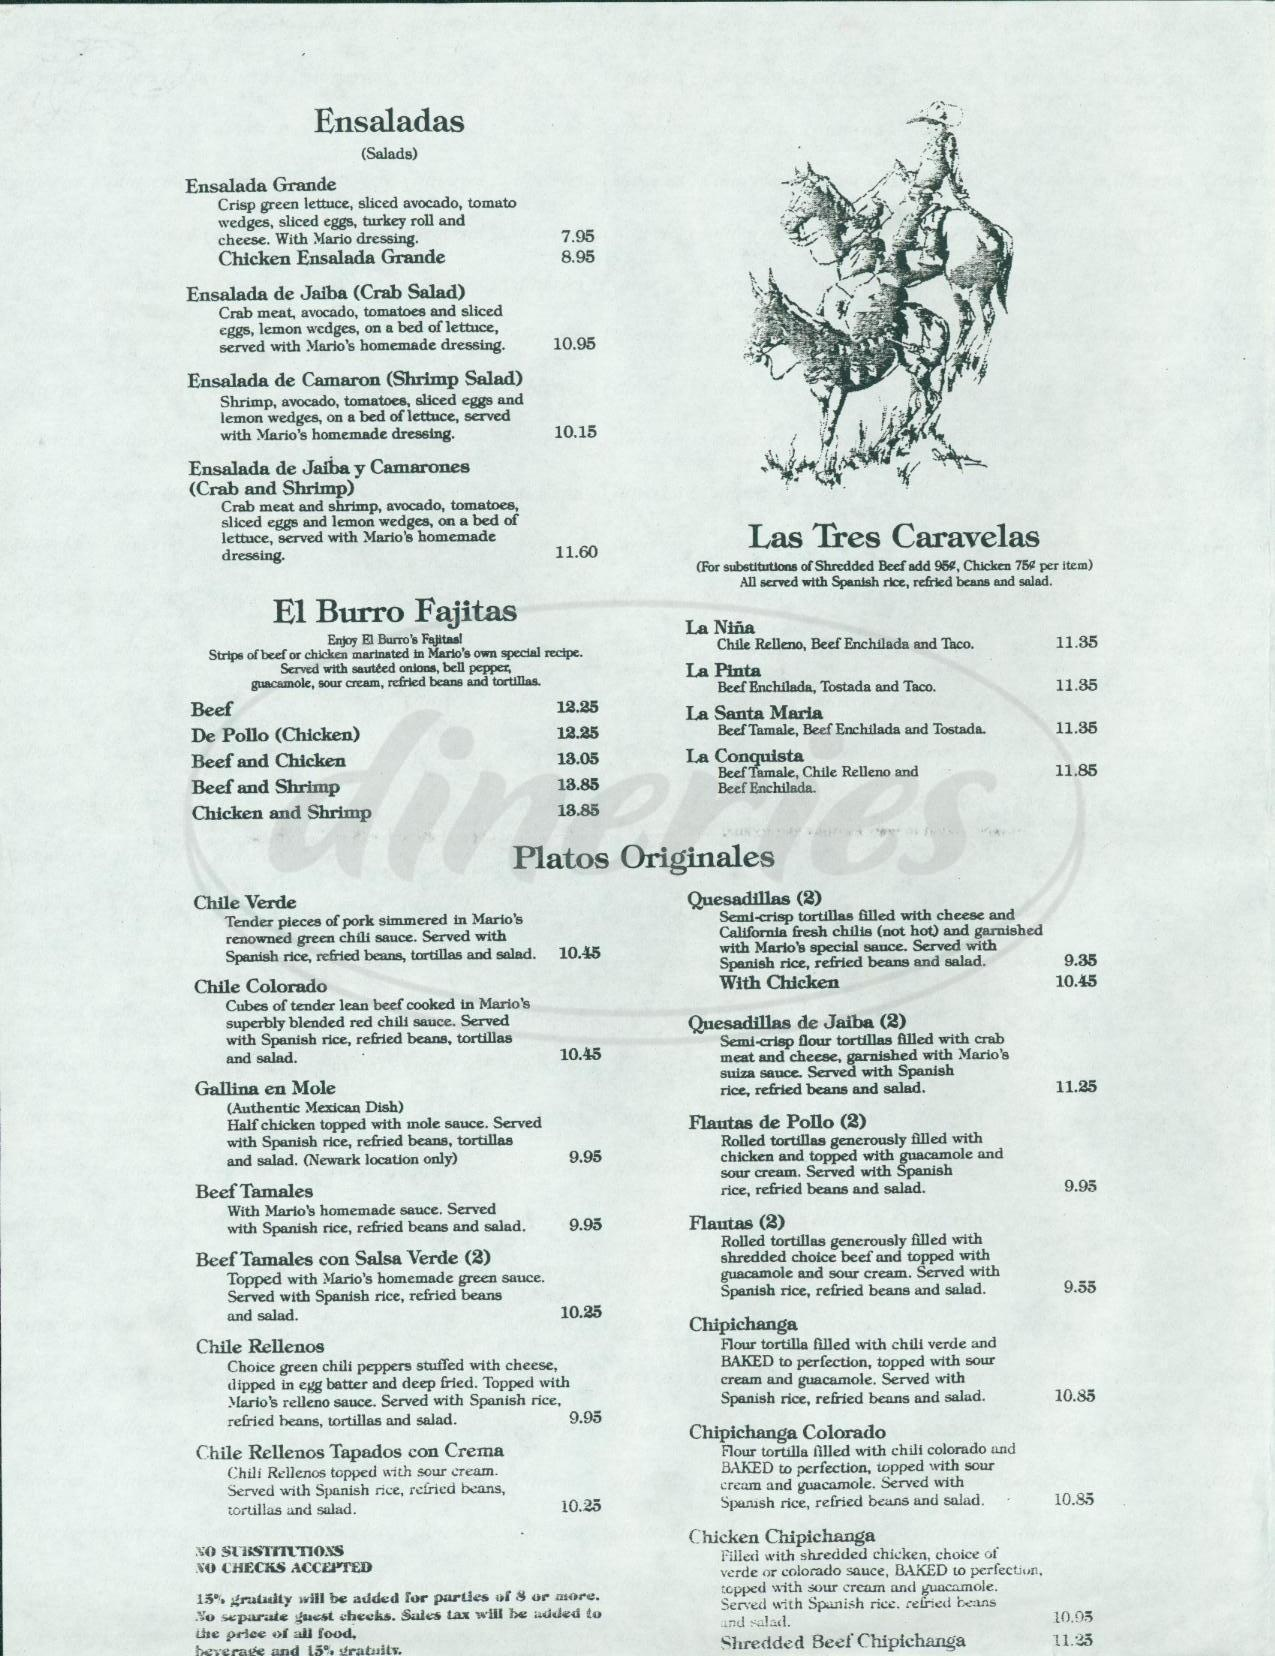 menu for El Burro